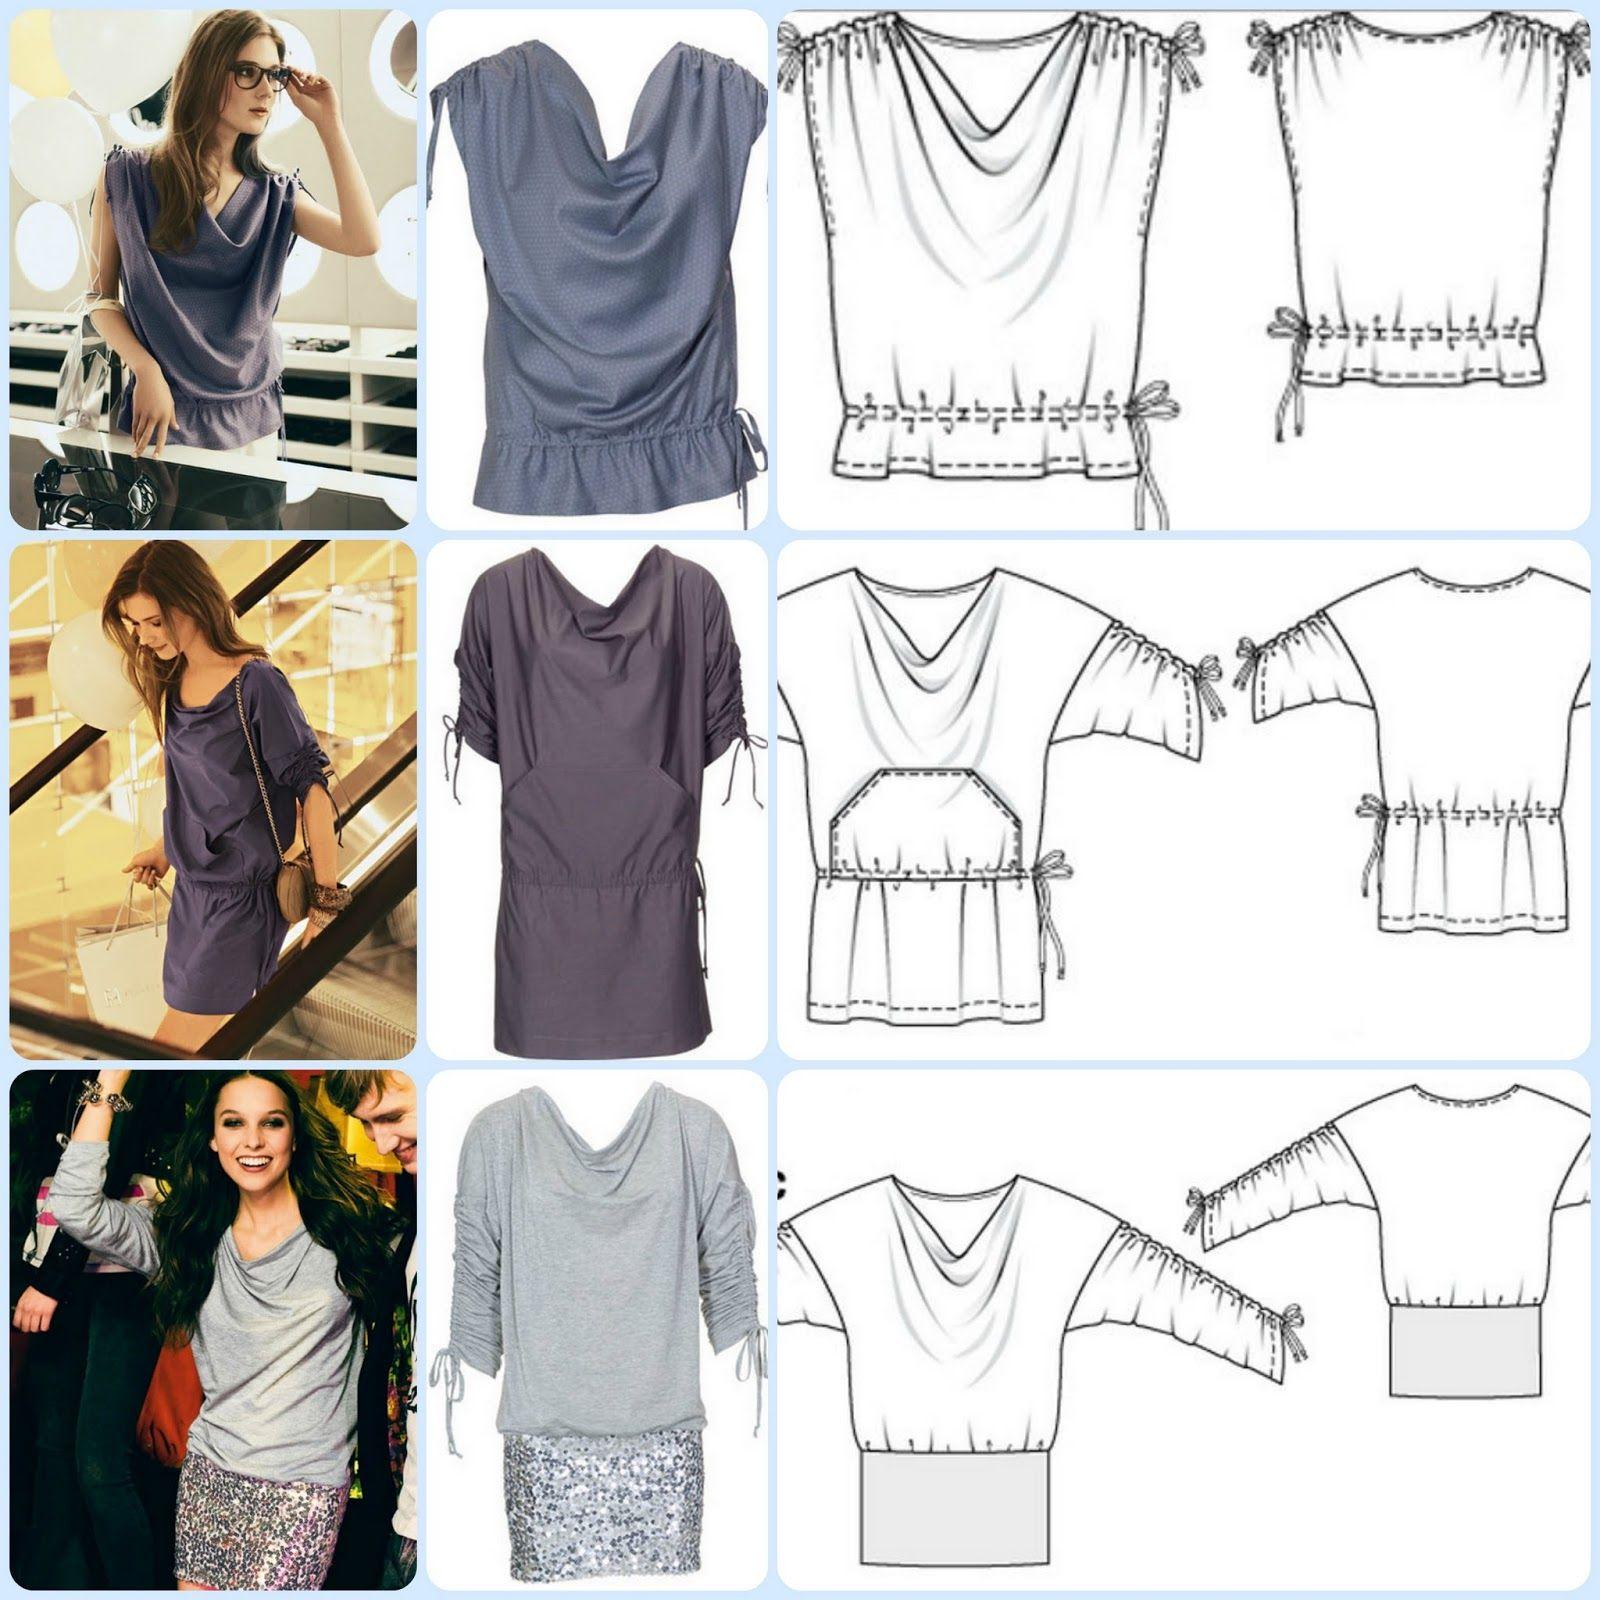 Varios modelos con un solo molde | Patronaje blusas, túnicas, etc ...